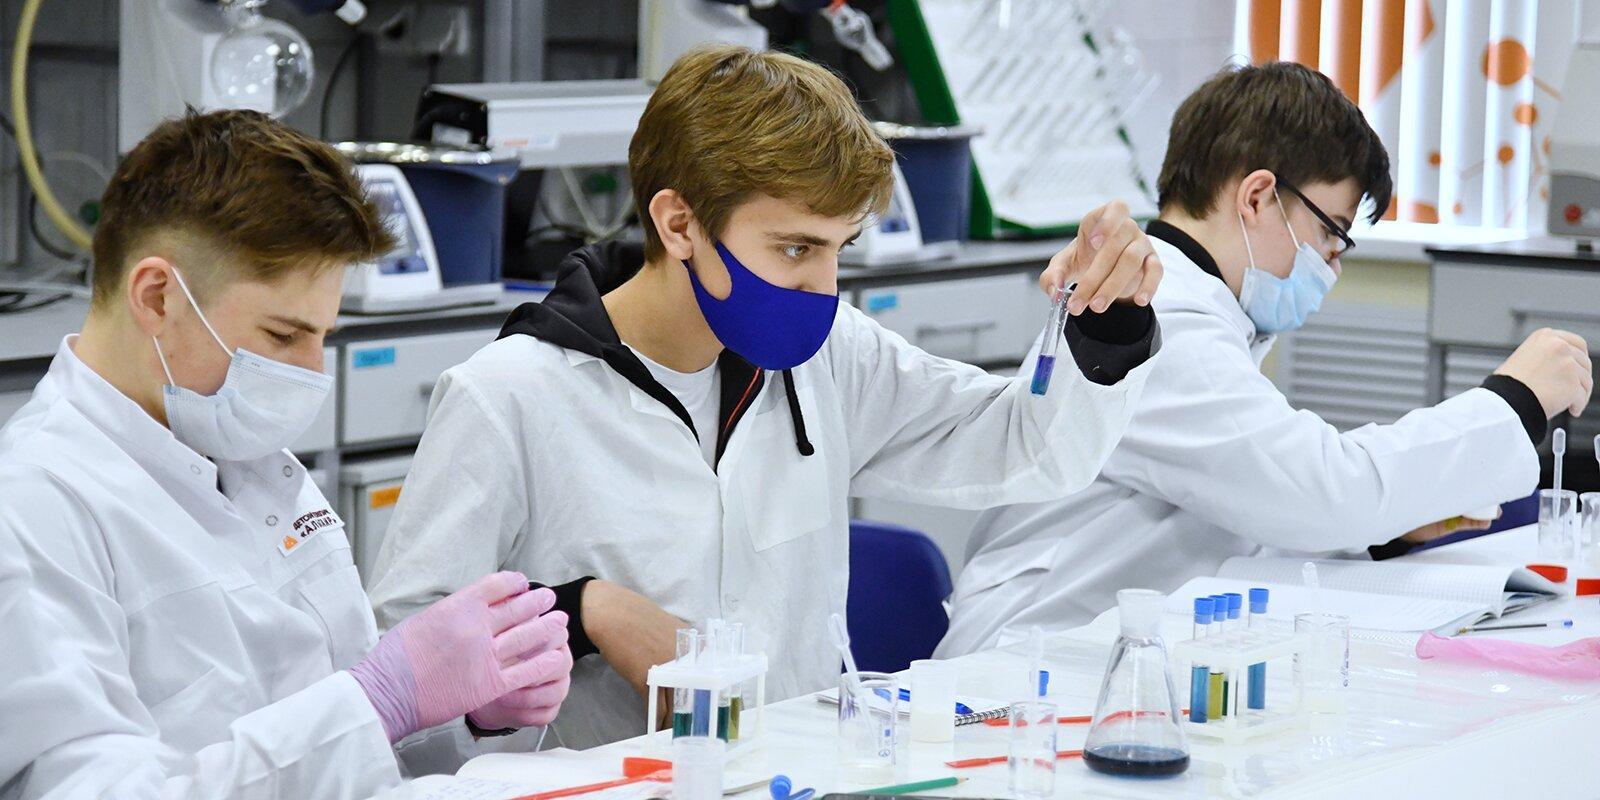 Московский детский технопарк впервые получил статус федеральной инновационной площадки (iva 12569)